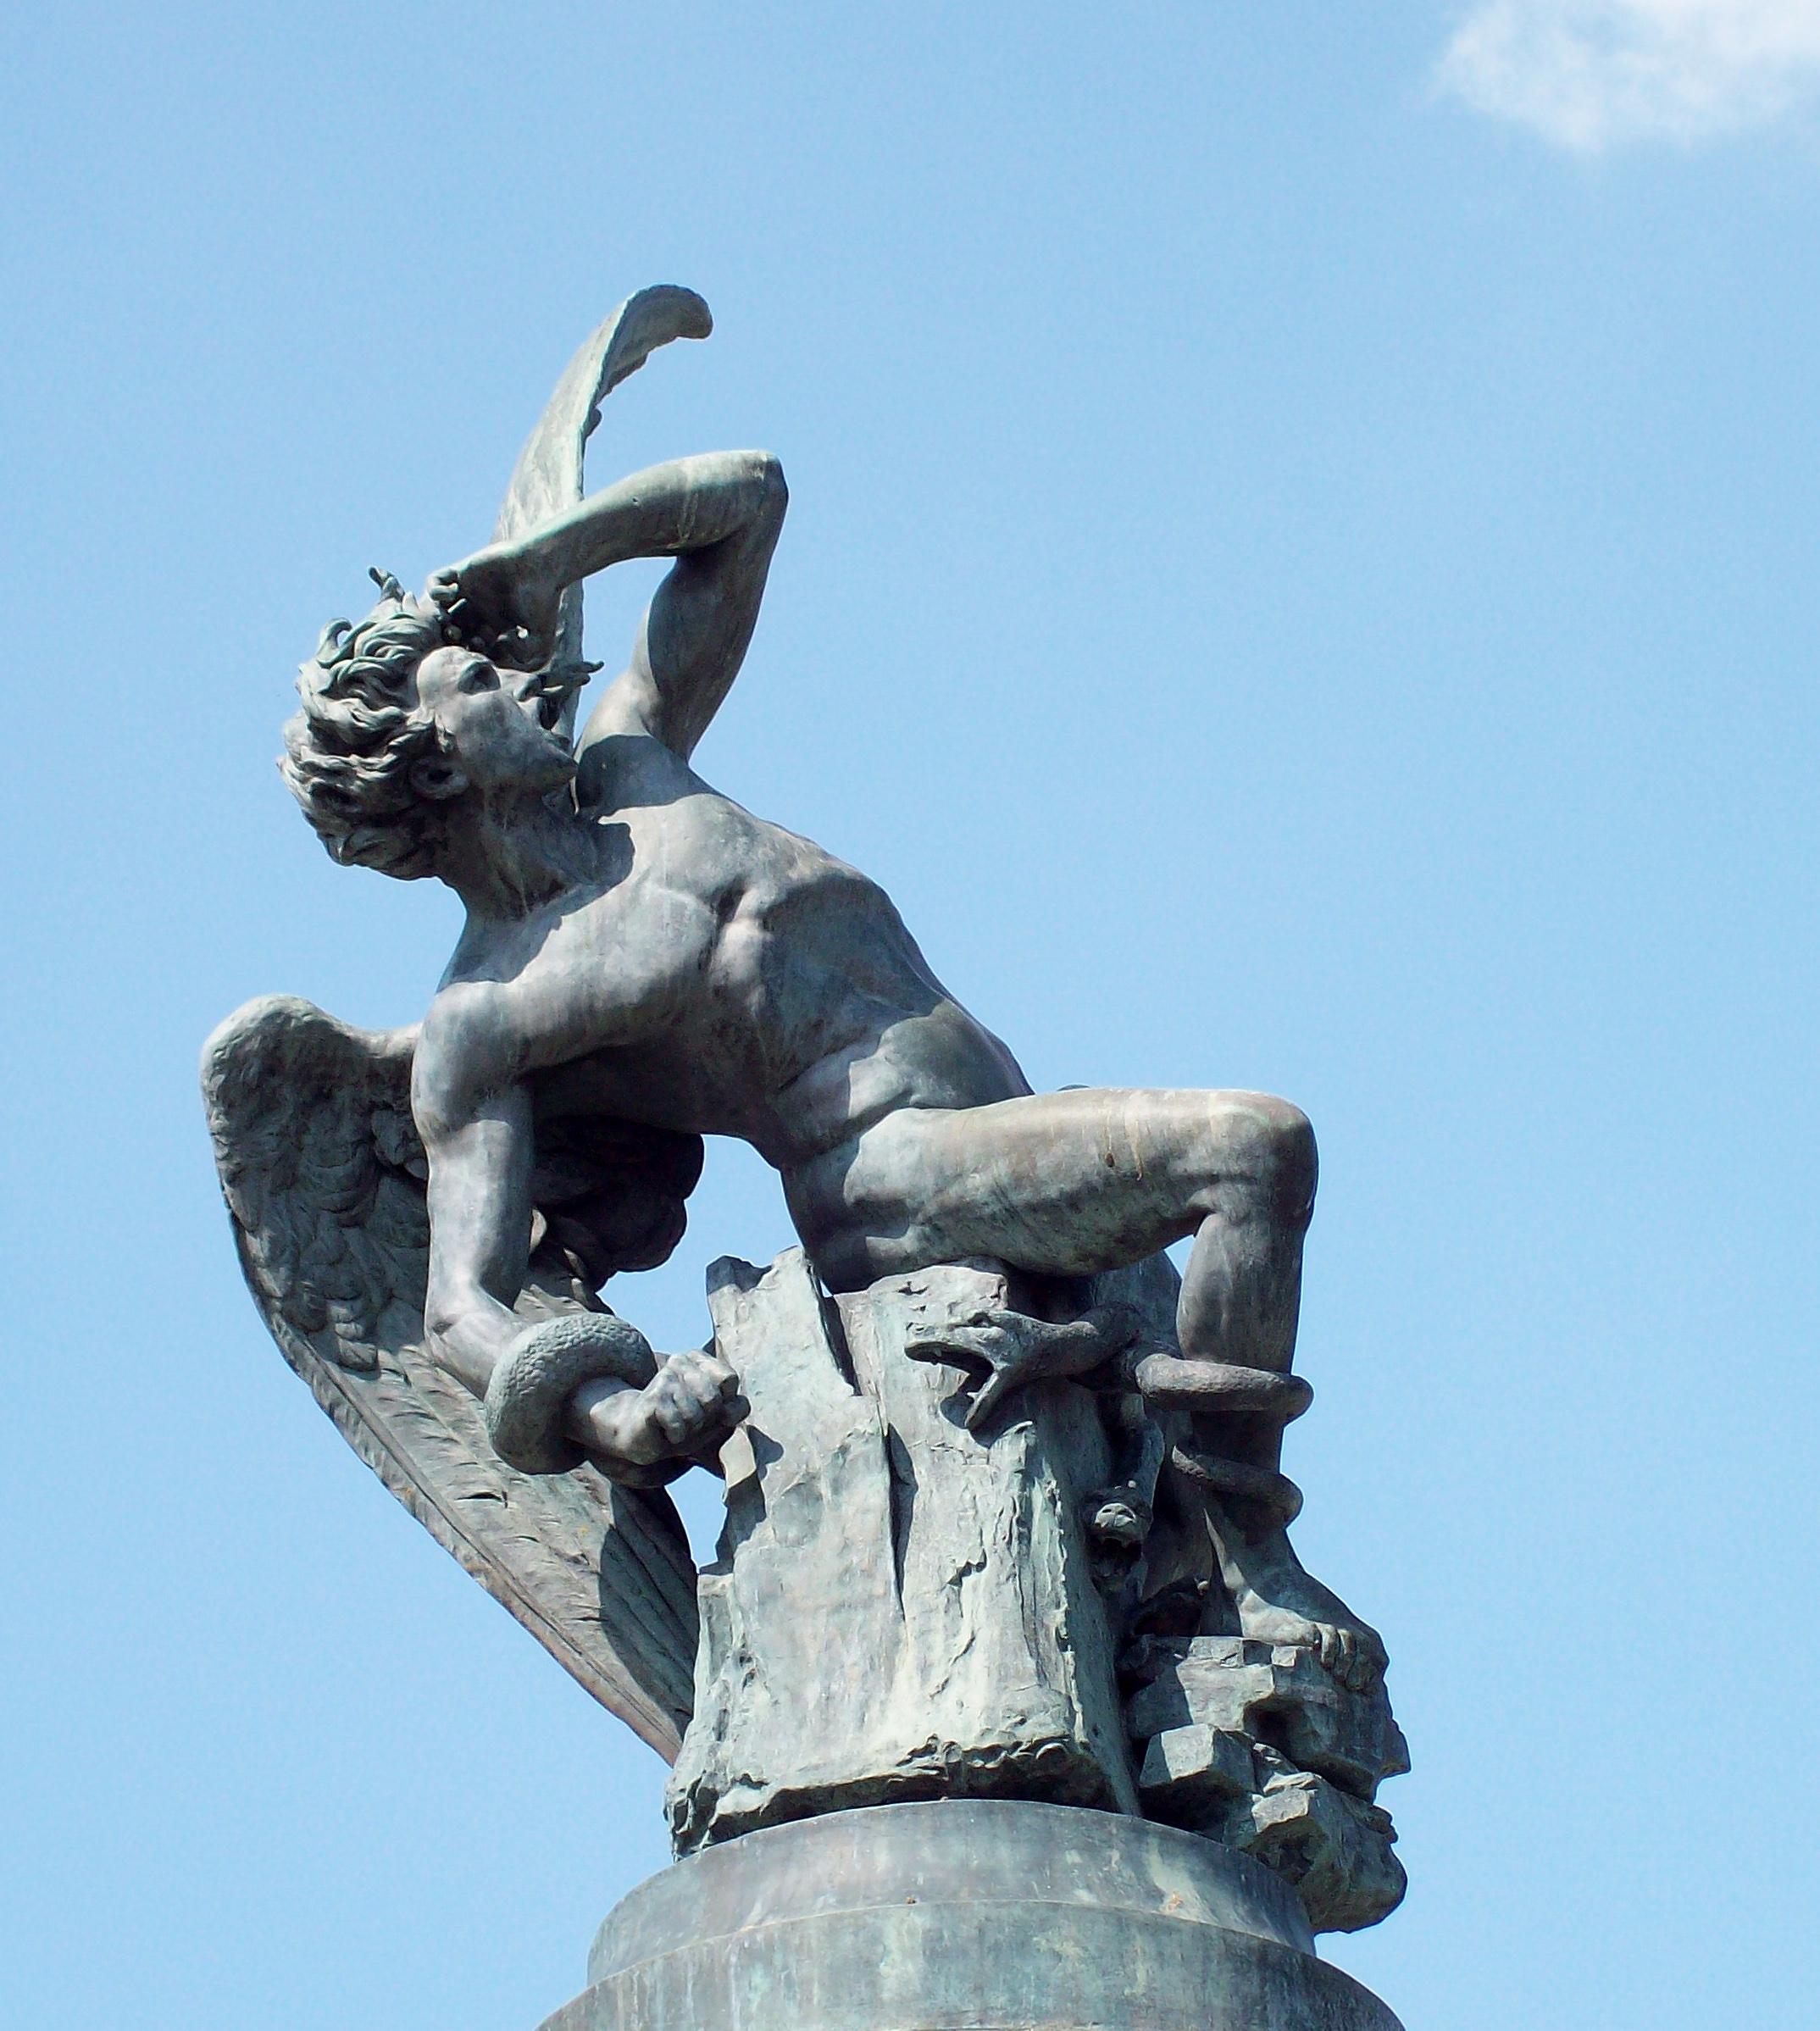 Trouvez le nom et le pays de ce monument ou ce lieu  El_%C3%81ngel_Ca%C3%ADdo_(Ricardo_Bellver)_06